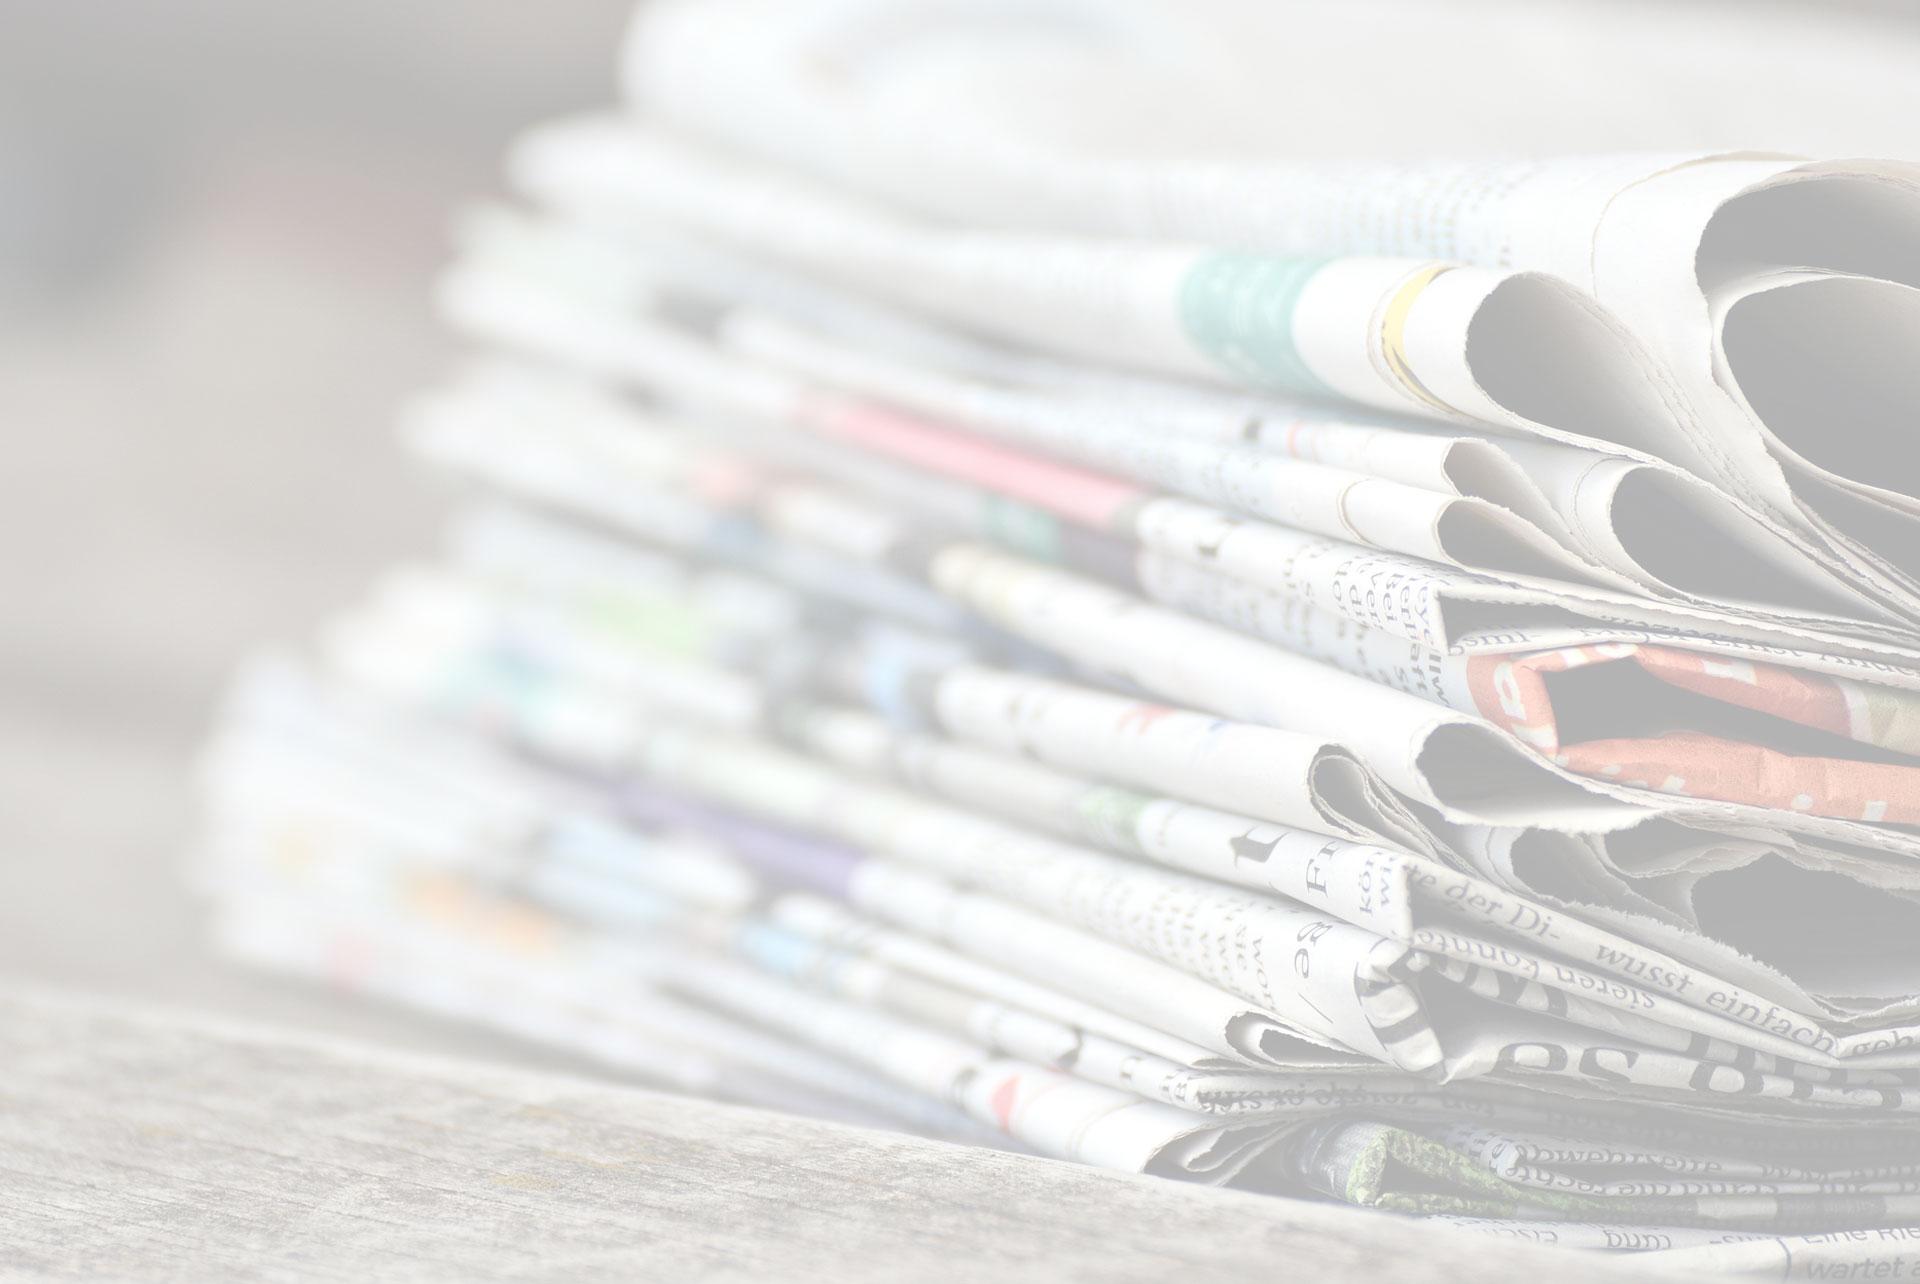 miglior assicurazione viaggi marocco